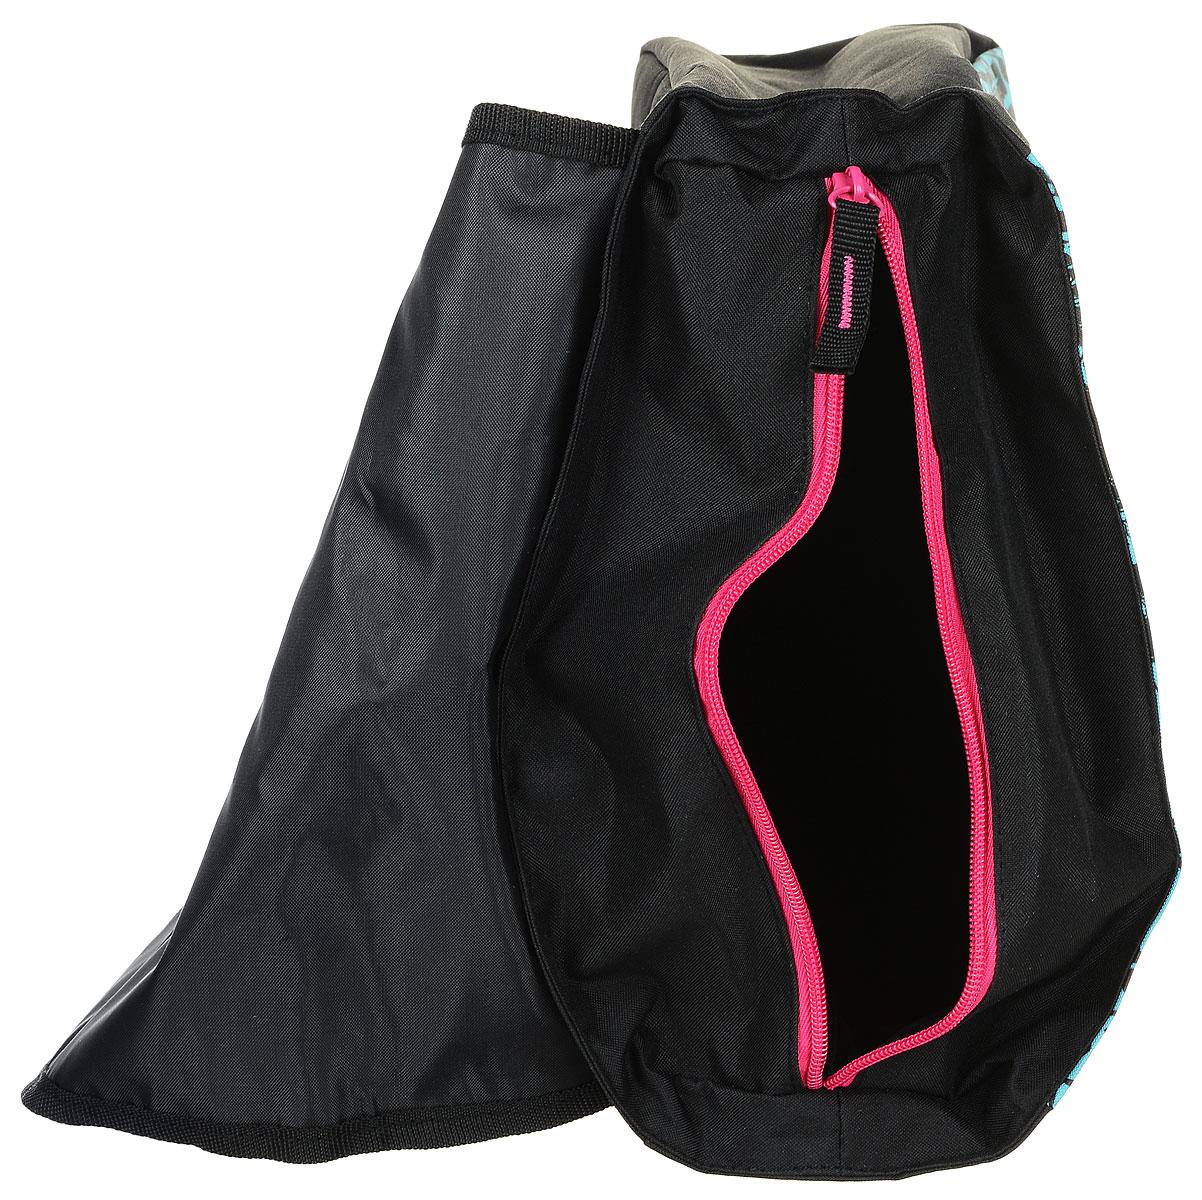 Этот рюкзак изготовлен из износостойкой легкомоющейся ткани. Сверху рюкзак застегивается на застежку молния, а затем закрывается клапаном на двух магнитных застежках. Внутри рюкзака имеется два маленьких кармашка, а также еще один карман на молнии.Плечевые лямки рюкзака Monster High Pink регулируются по длине. Кроме того у рюкзака имеется дополнительная ручка для ношения его в руке.  Если Вы ищите подарок девочке, можете быть уверенными, рюкзак Monster High Night непременно придется ей по вкусу!